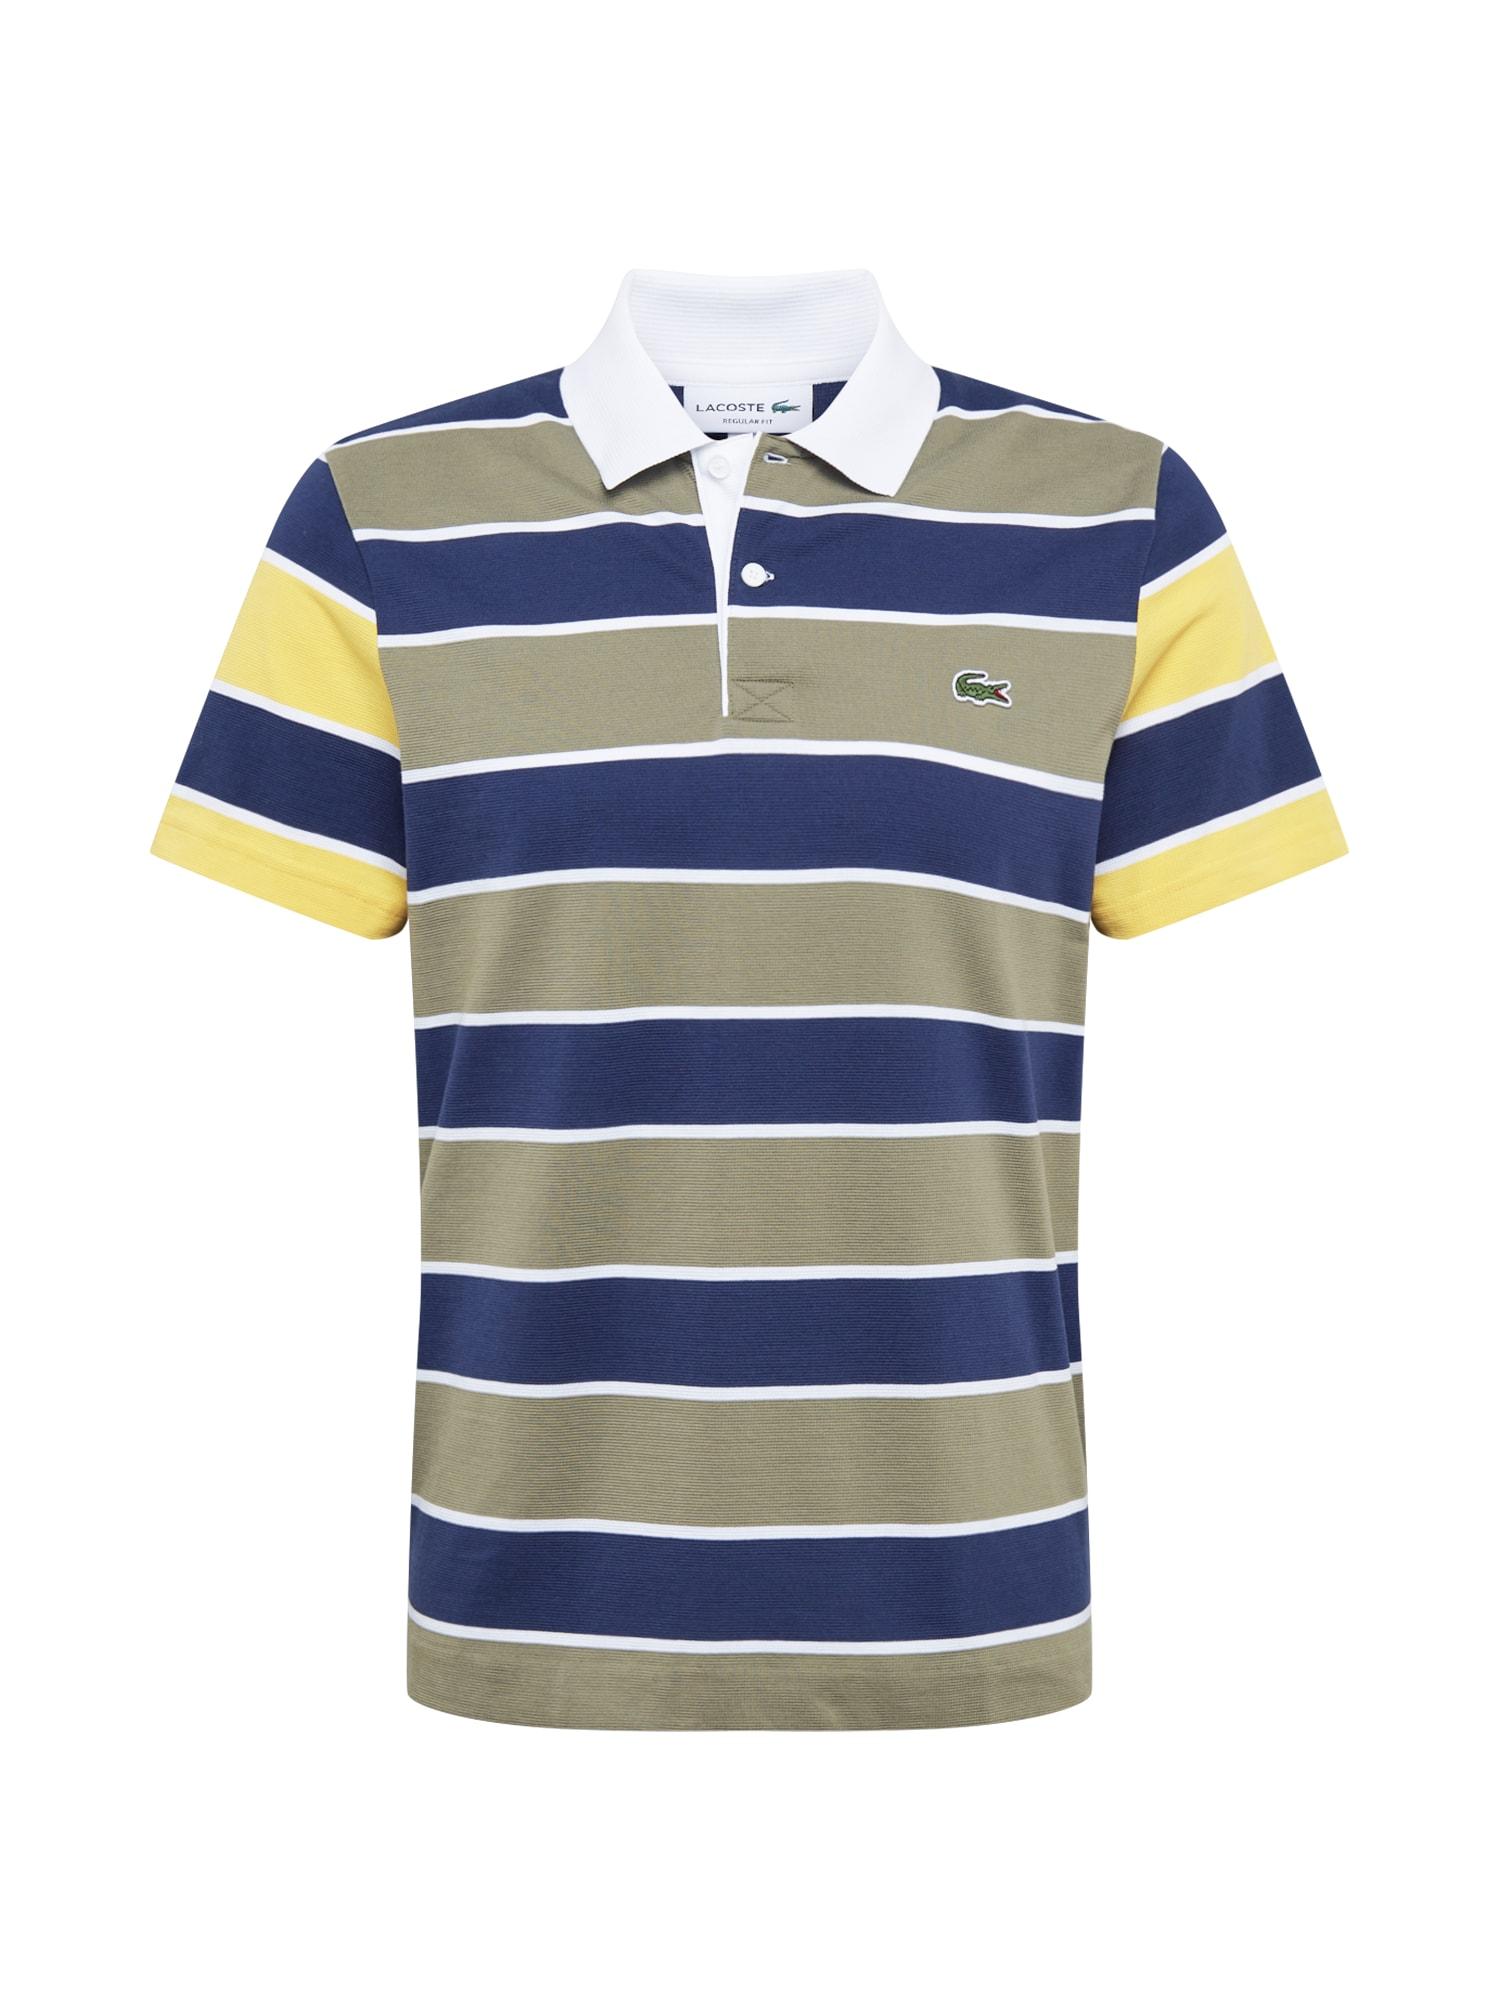 LACOSTE Marškinėliai mišrios spalvos / tamsiai mėlyna / balta / geltona / rusvai žalia